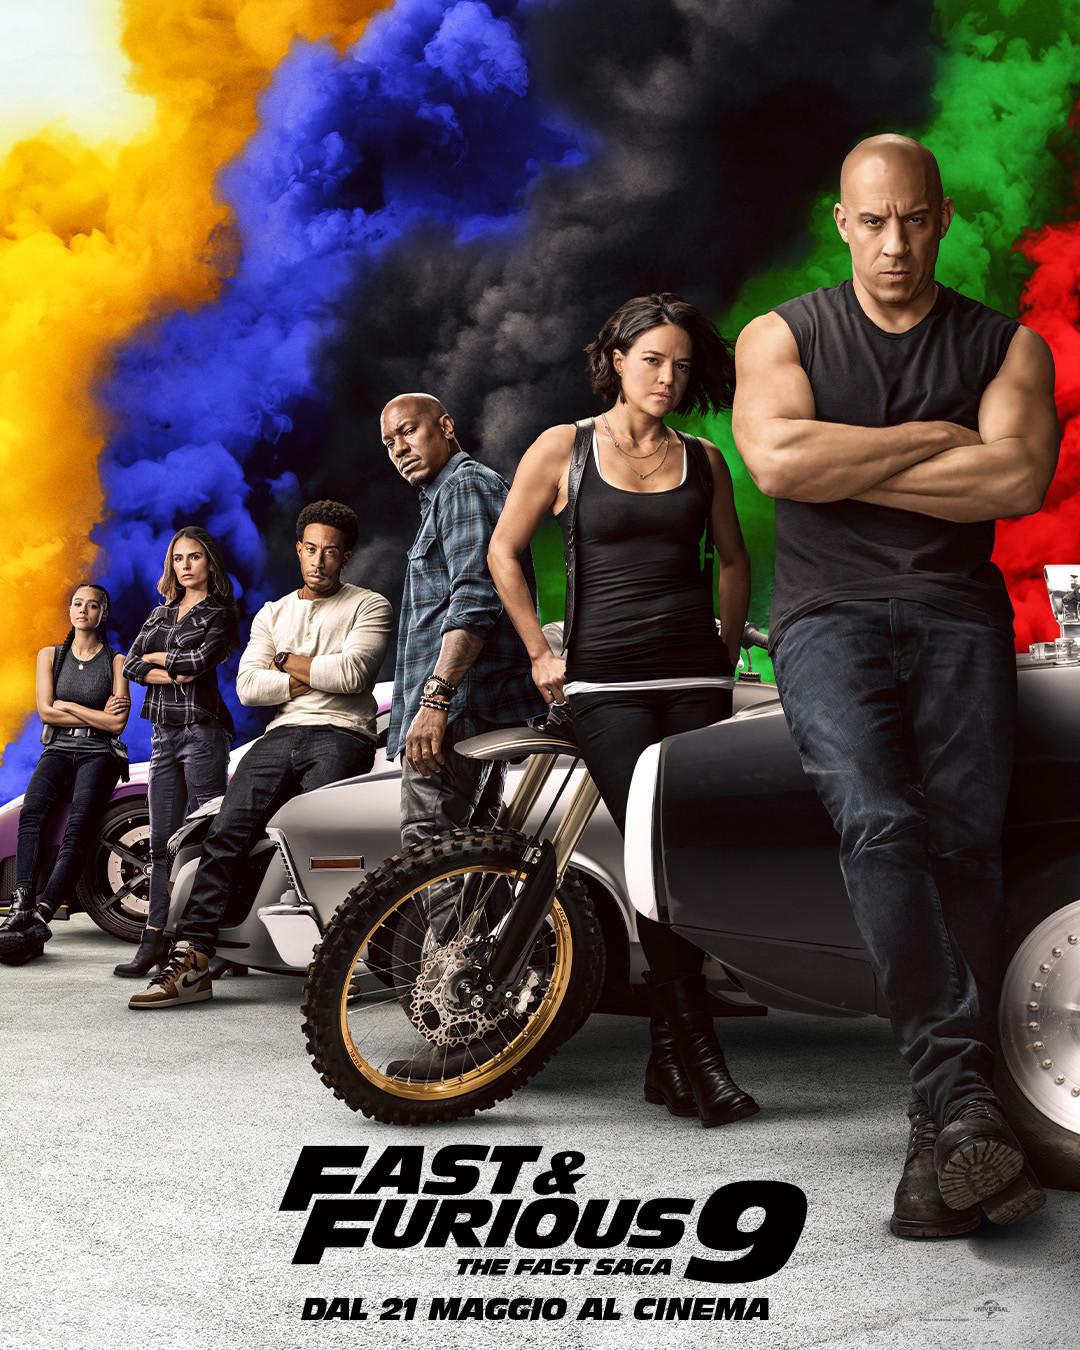 Fast & Furious 9: trailer italiano trama e cast